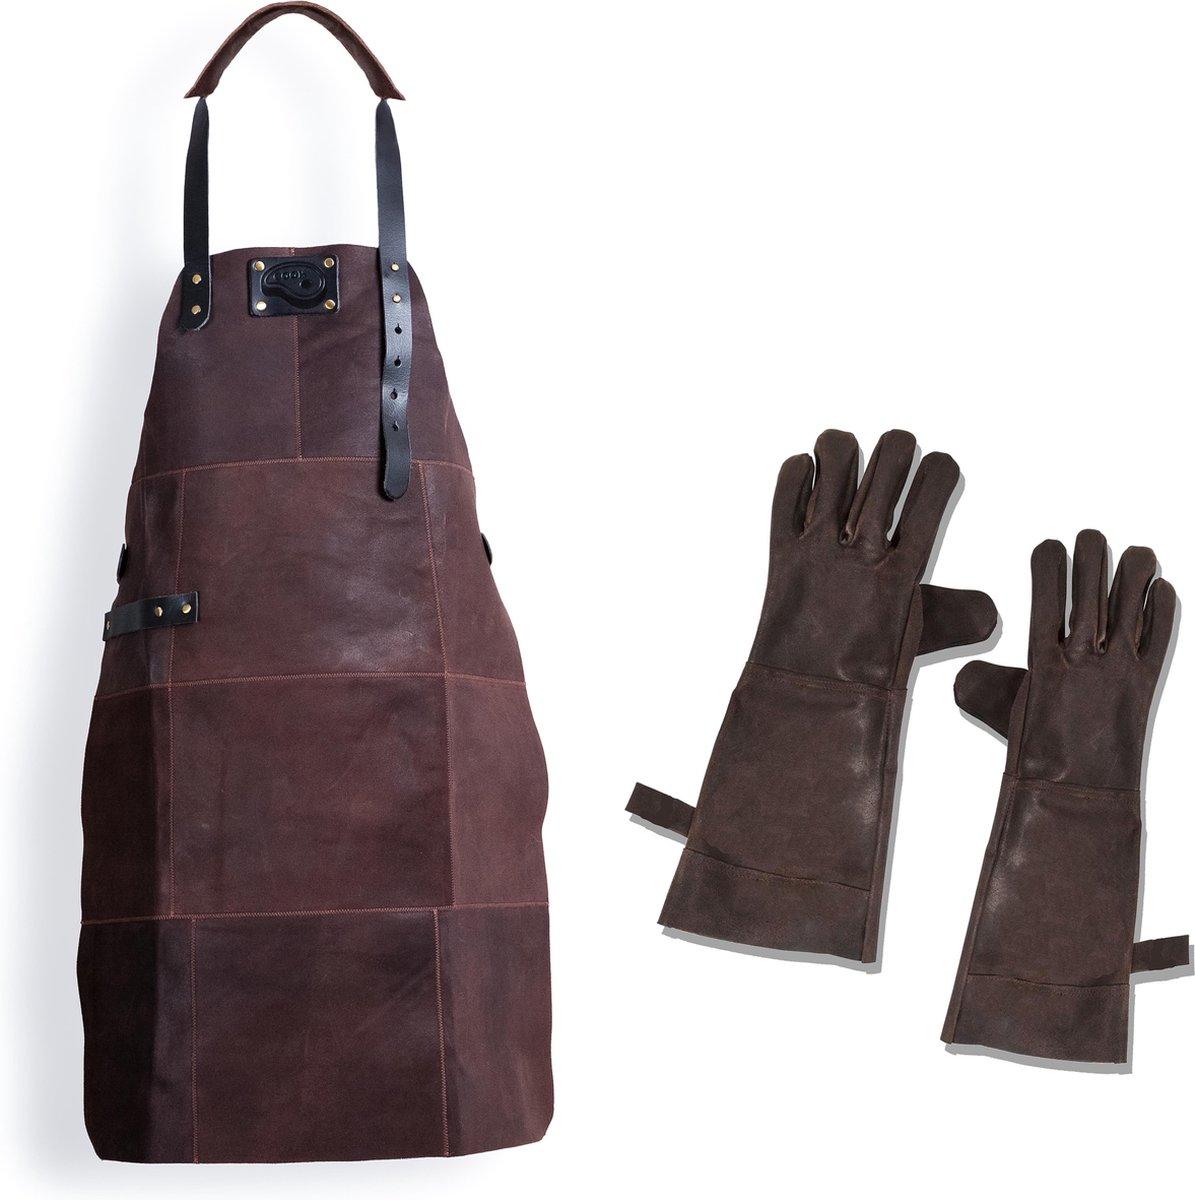 Barbecue Leren Schort + Barbecue Handschoenen - DONKER BRUIN - Lederen Schort - Kokschort - BBQ Scho